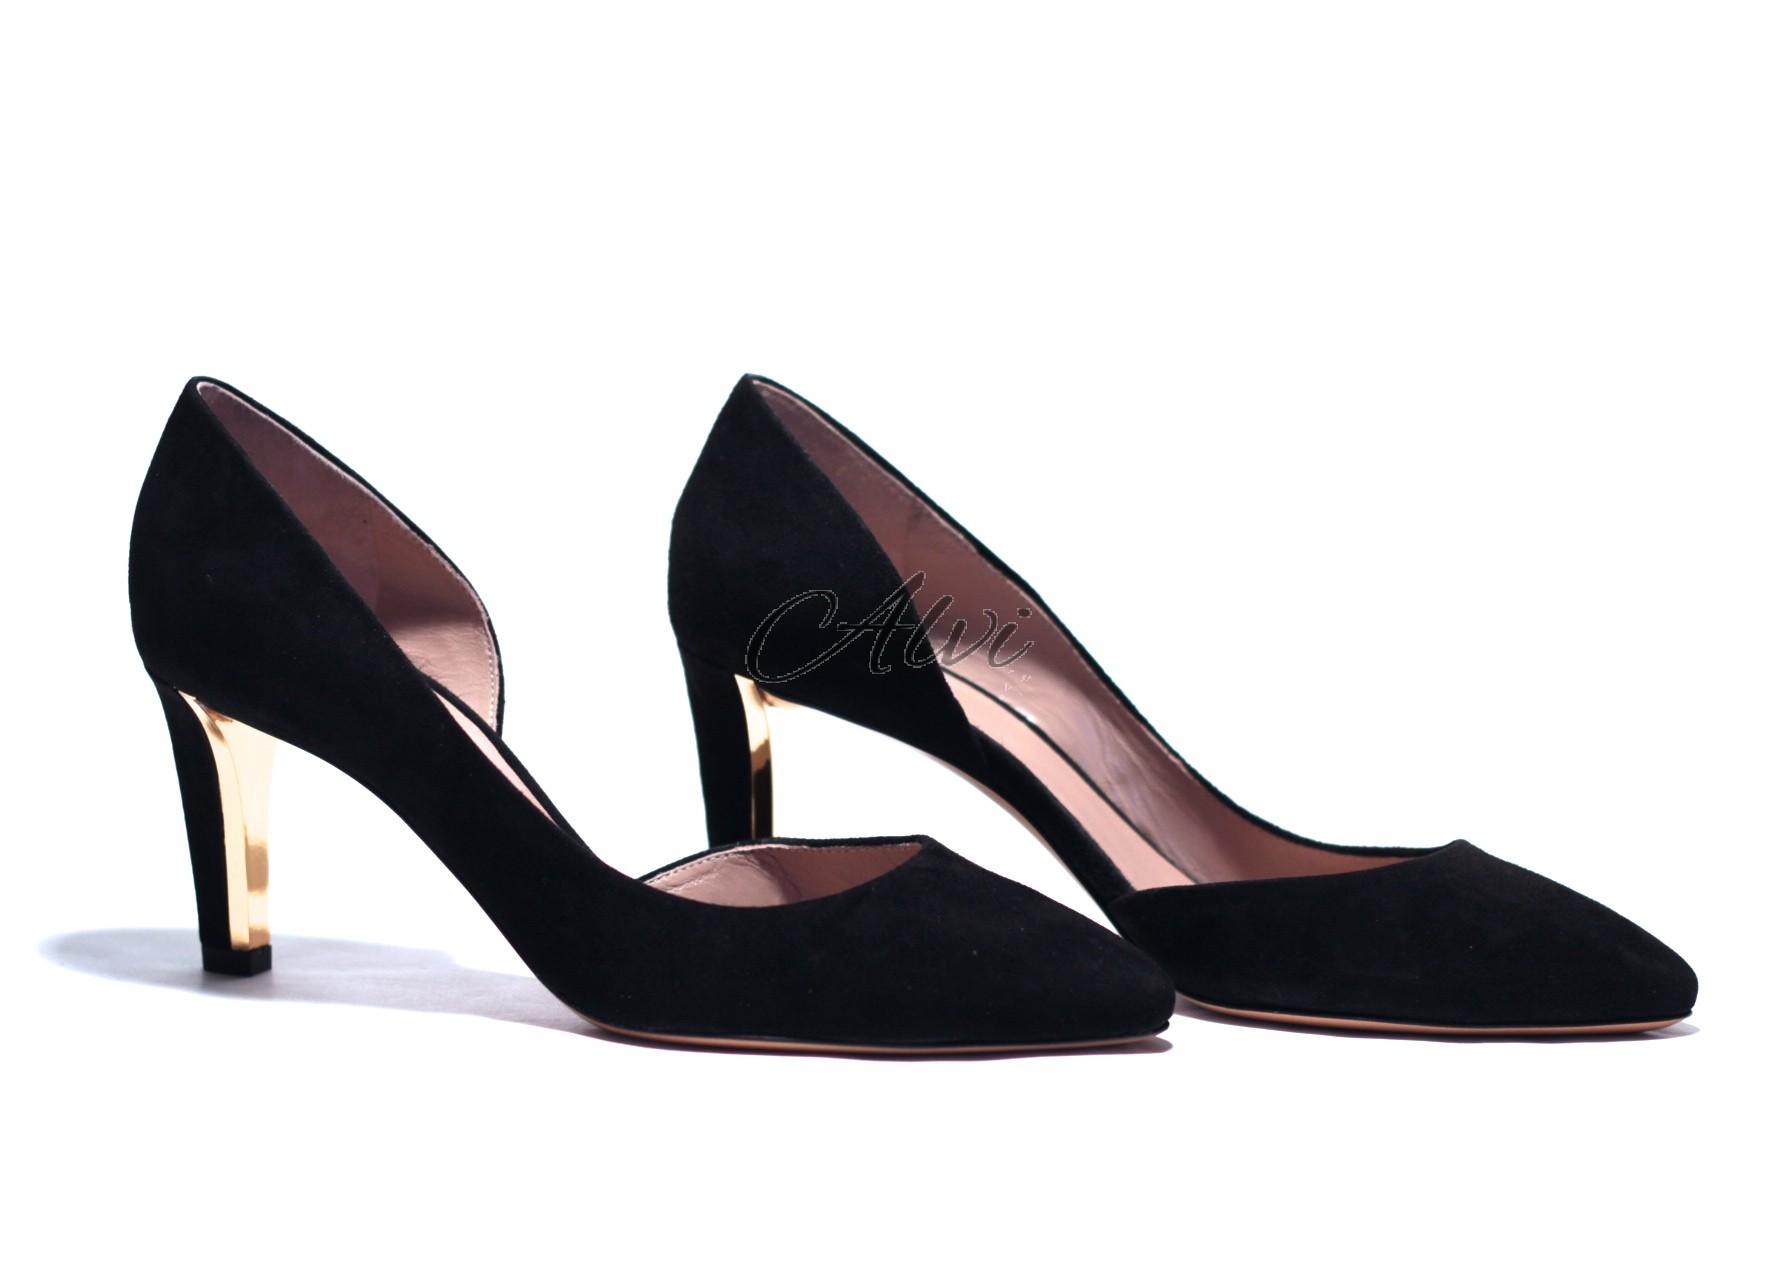 816f3db442c6c Décolleté elegante Chloé modello becky in camoscio nero tacco medio